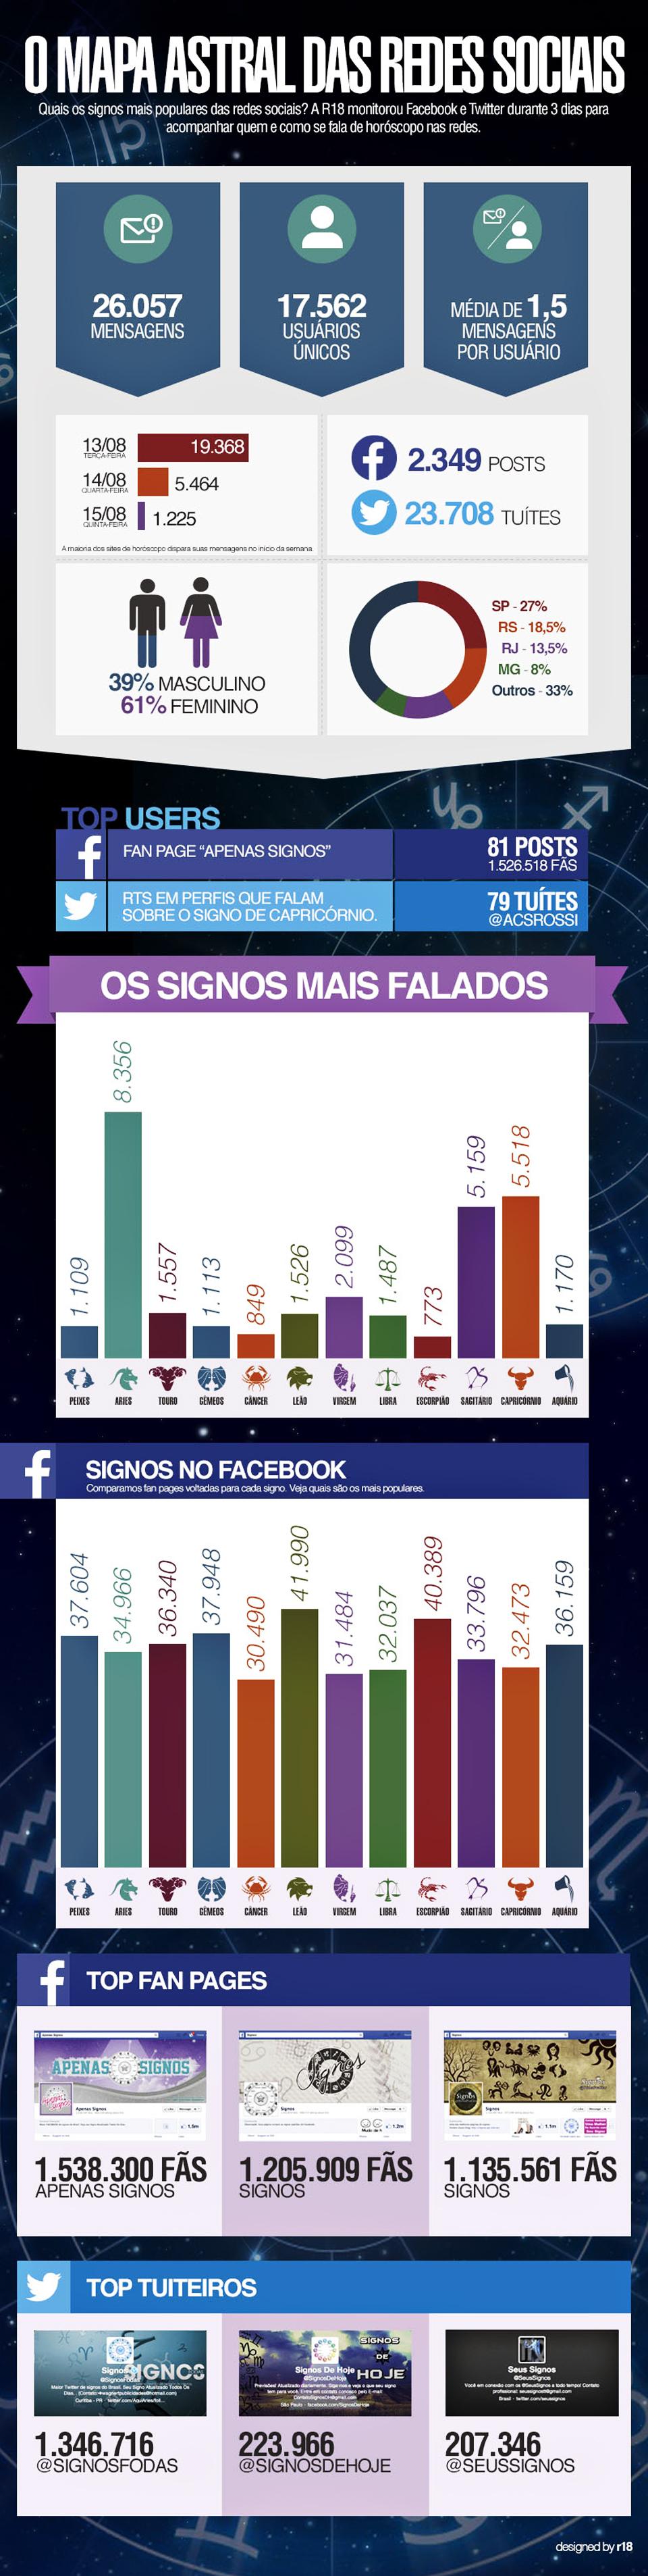 O mapa astral das redes sociais [infográfico]